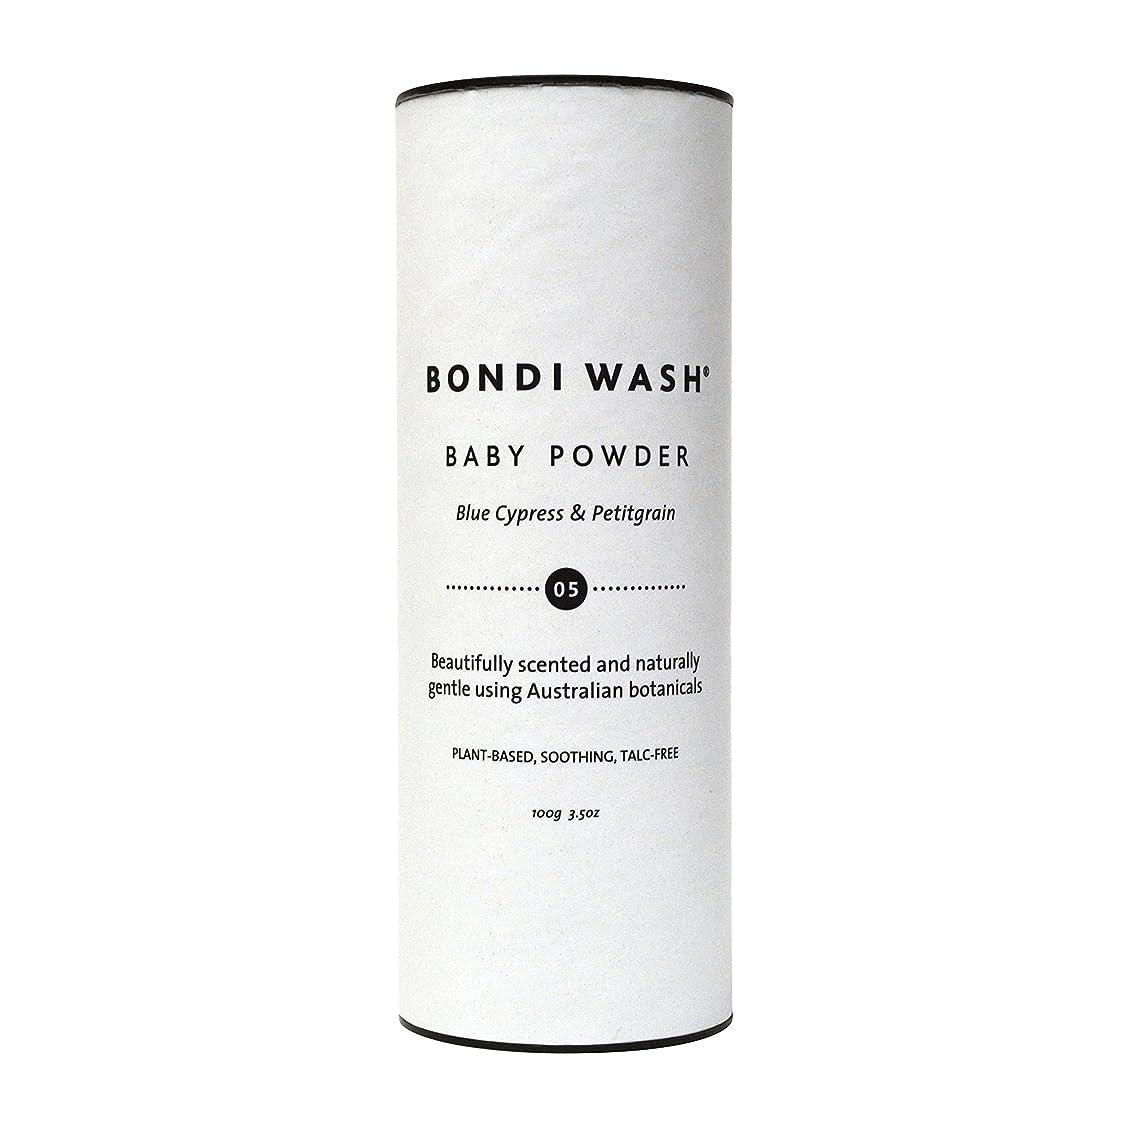 薬剤師視力デコレーションBONDI WASH ベビーパウダー 100g